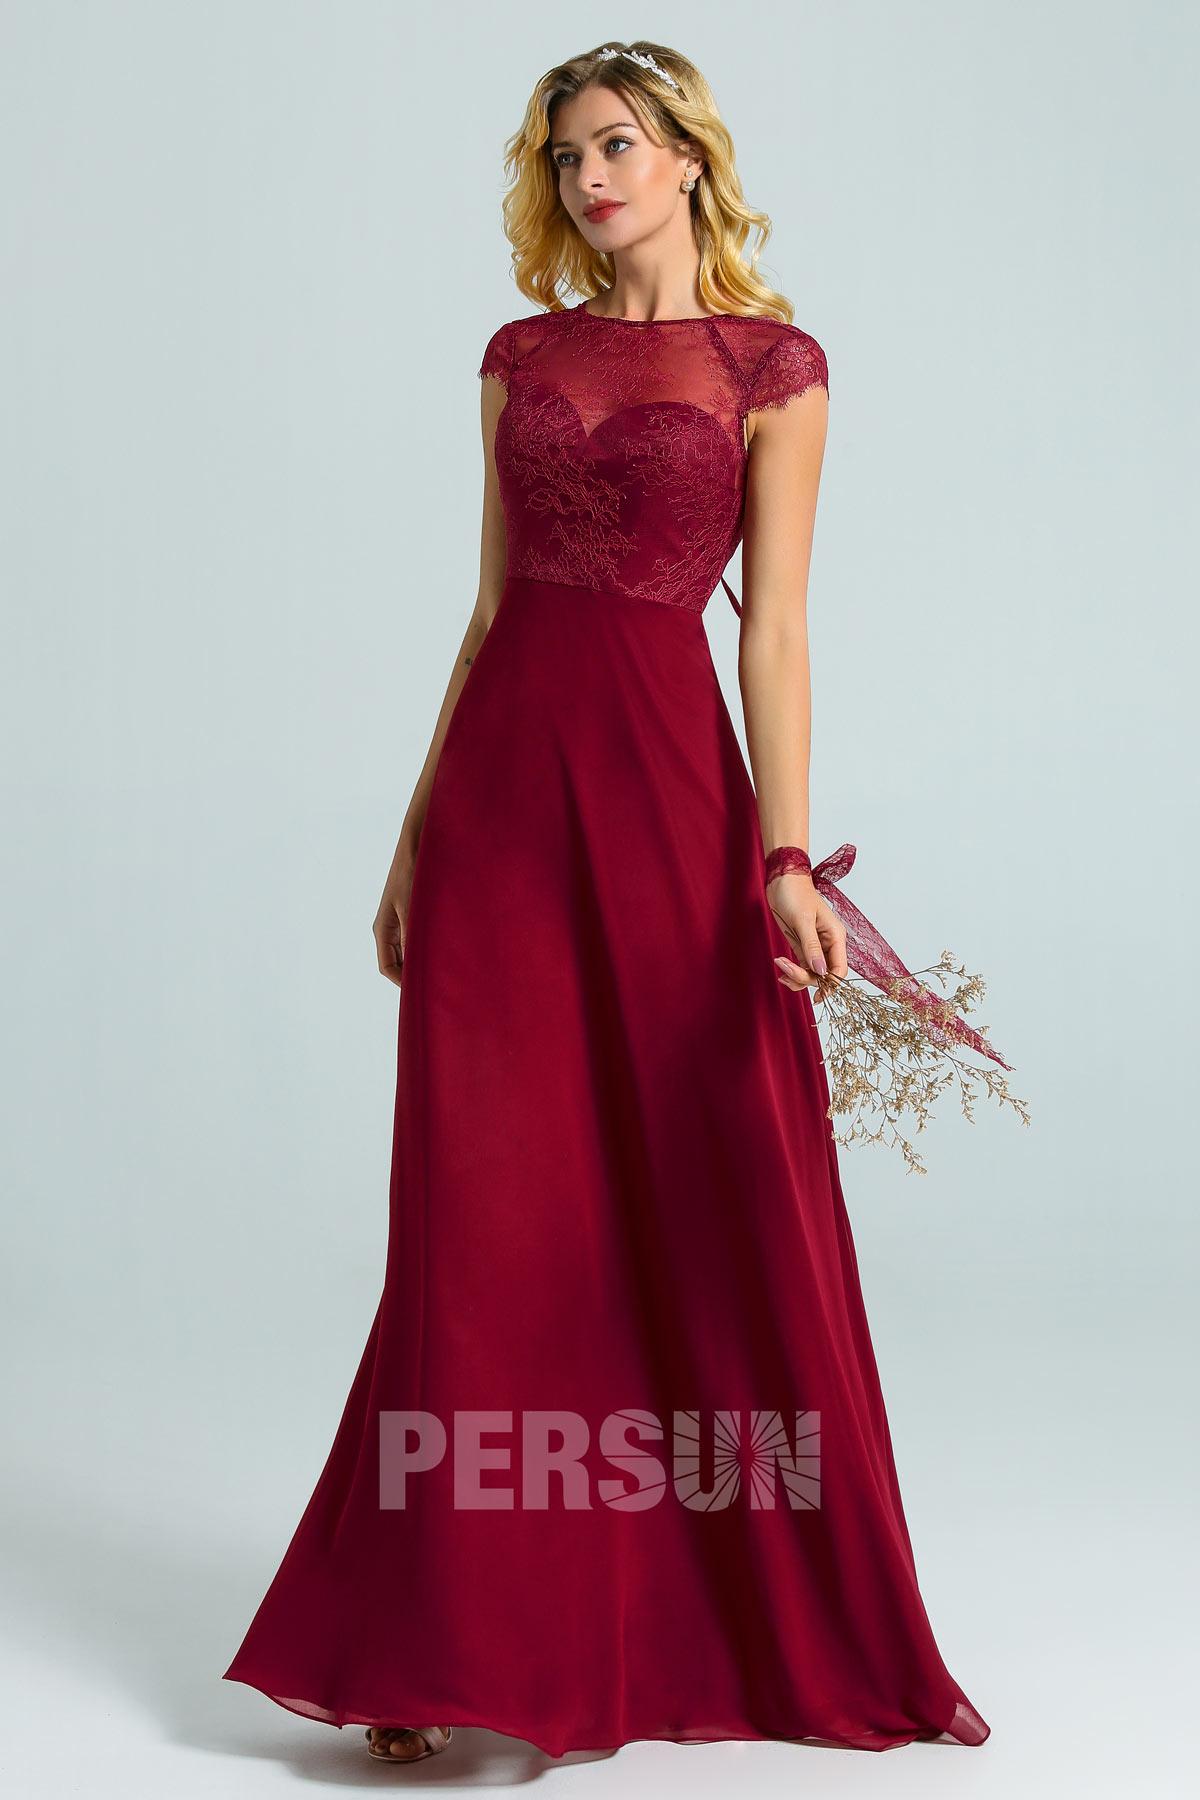 robe demoiselle d'honneur longue bordeaux haut dentelle avec mancherons feston